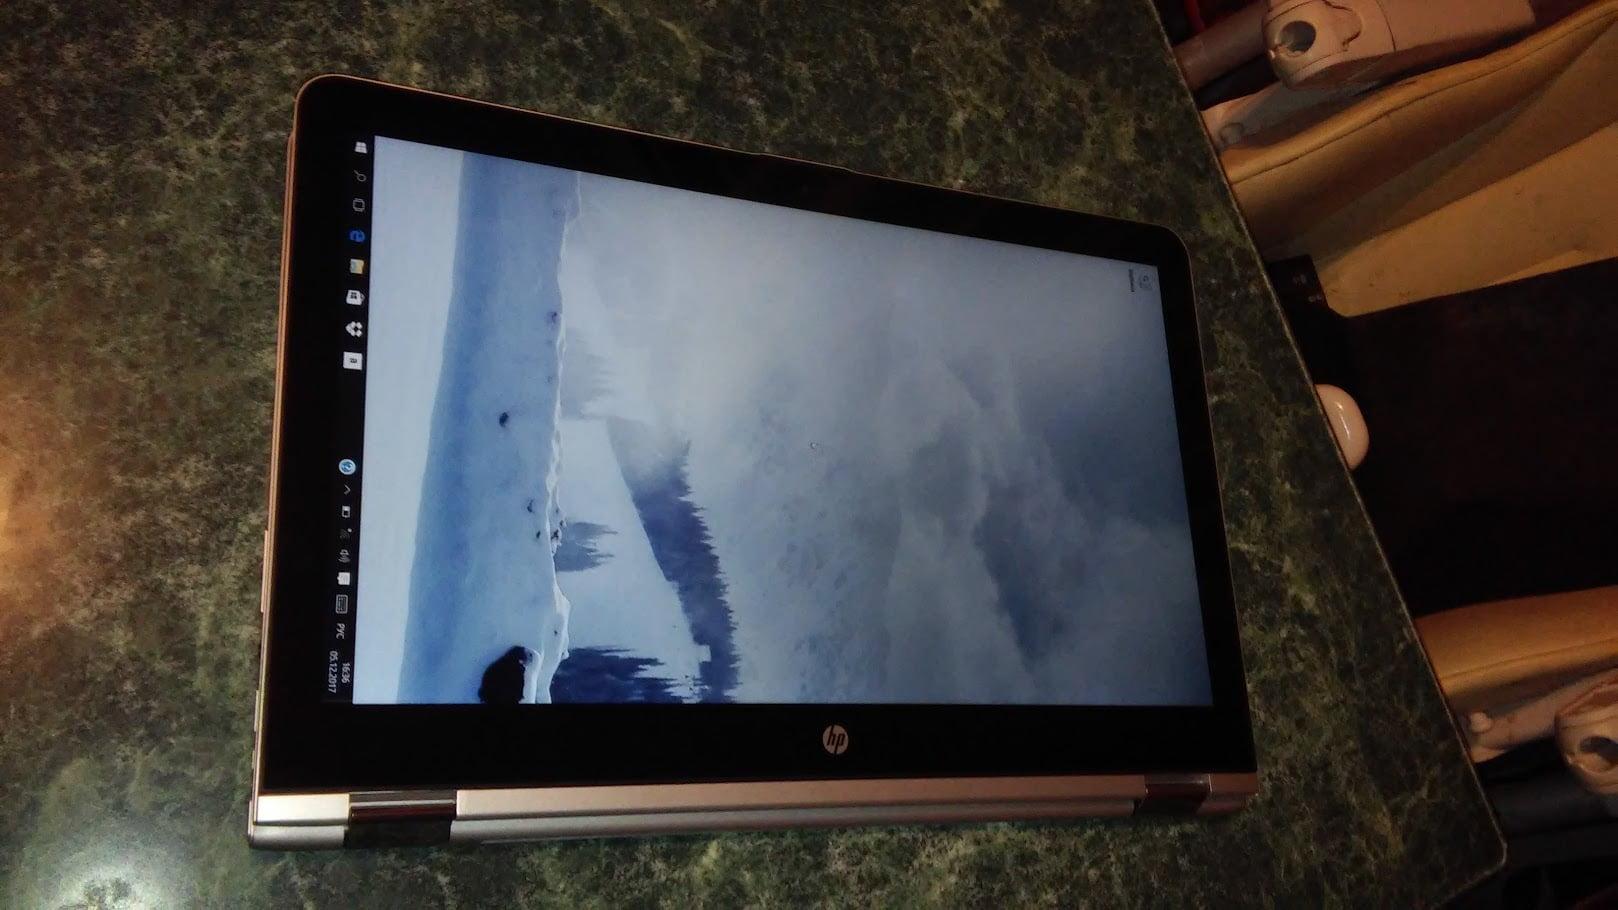 Ноутбук HP Envy M6-AQ105 (W2K44UA)